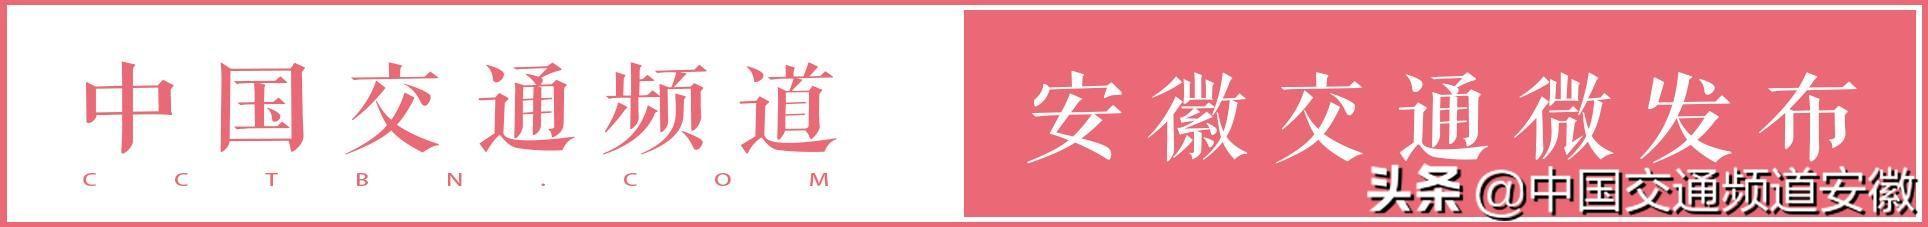 龙8国际官方网址